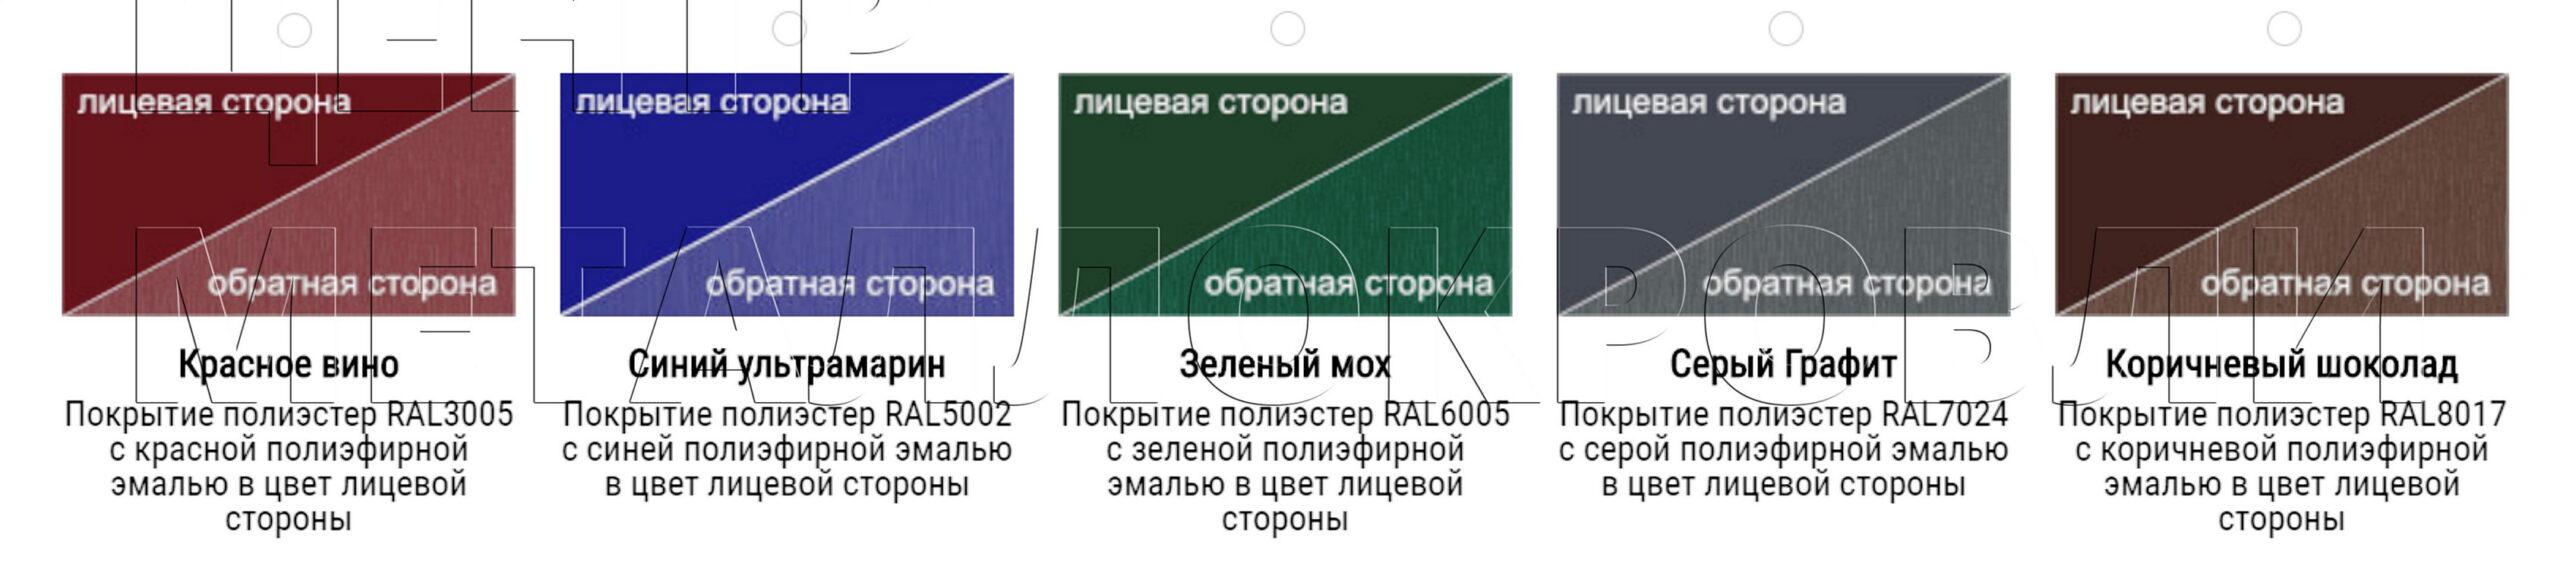 Еврожалюзи Евроштакетник покрытие одностороннее двустороннее полиэфирная эмаль грунт в цвет - 13